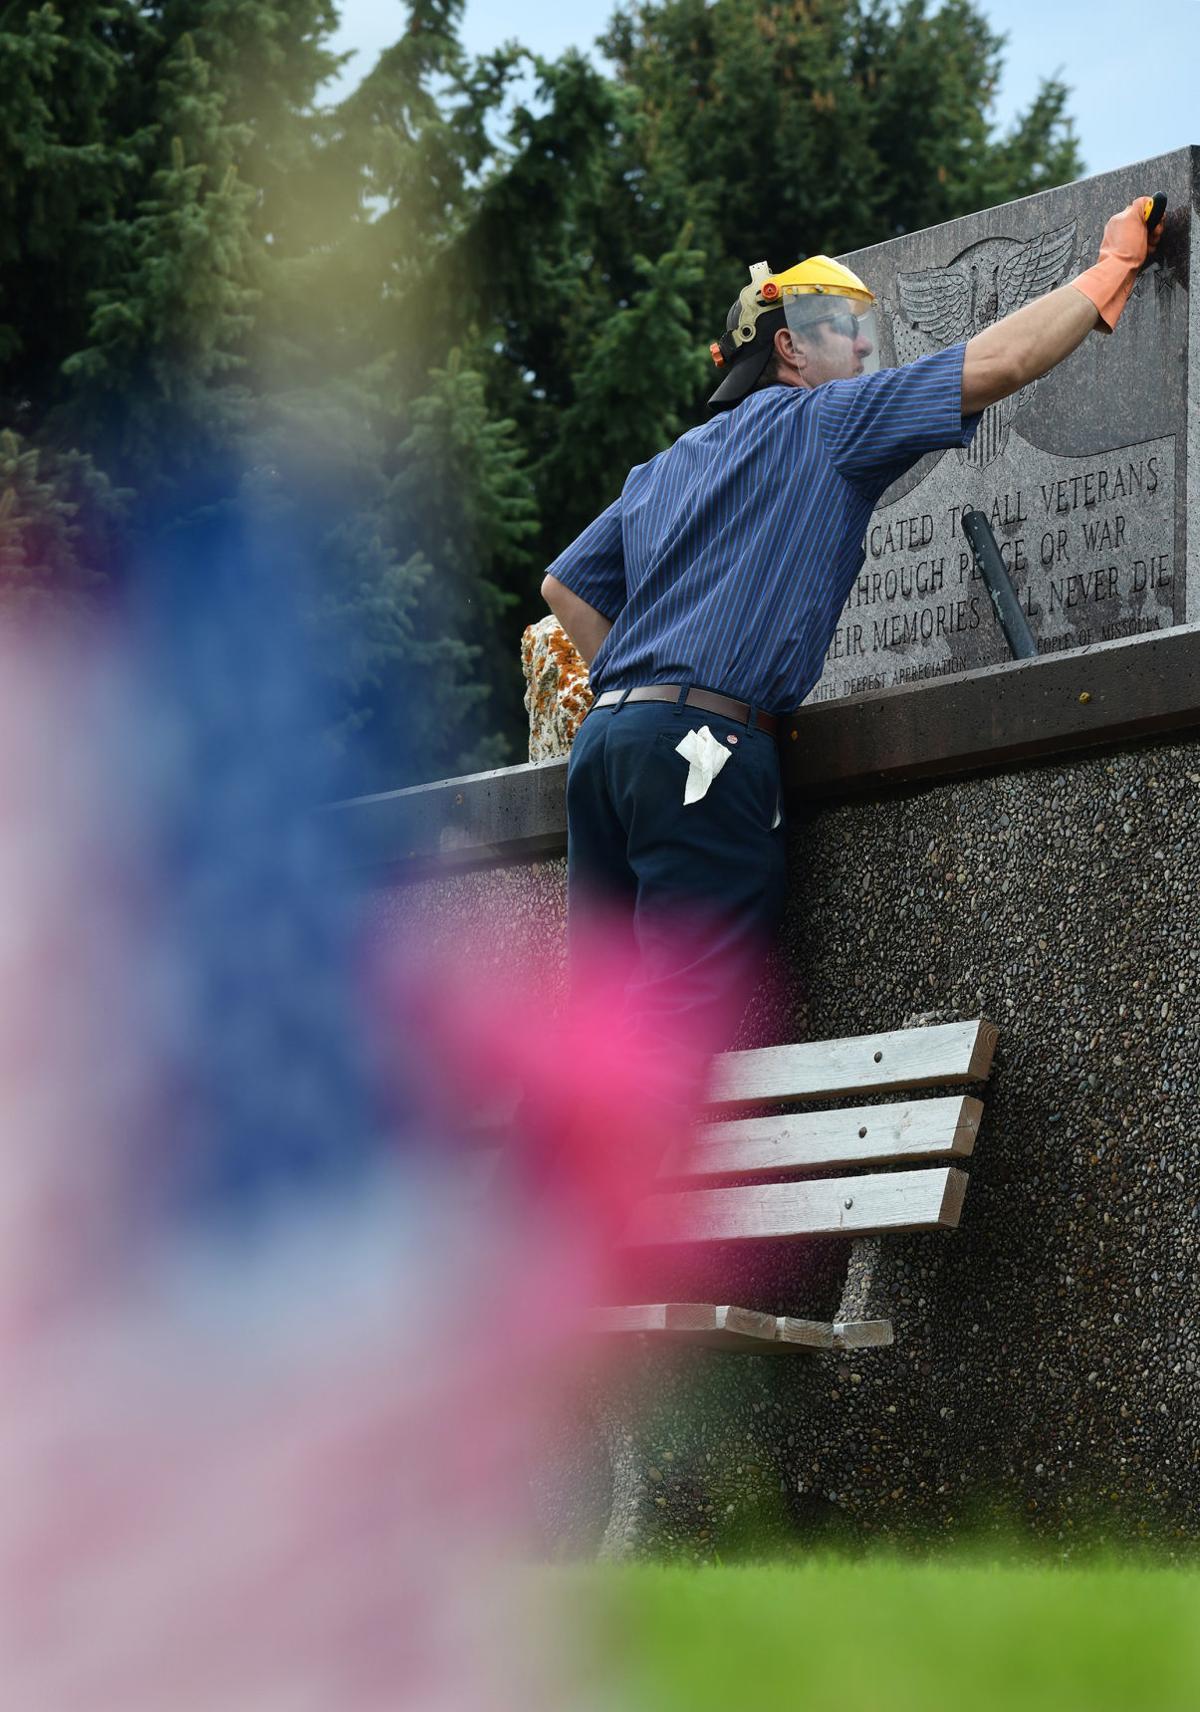 052519 memorial cleaning-1-tm.jpg